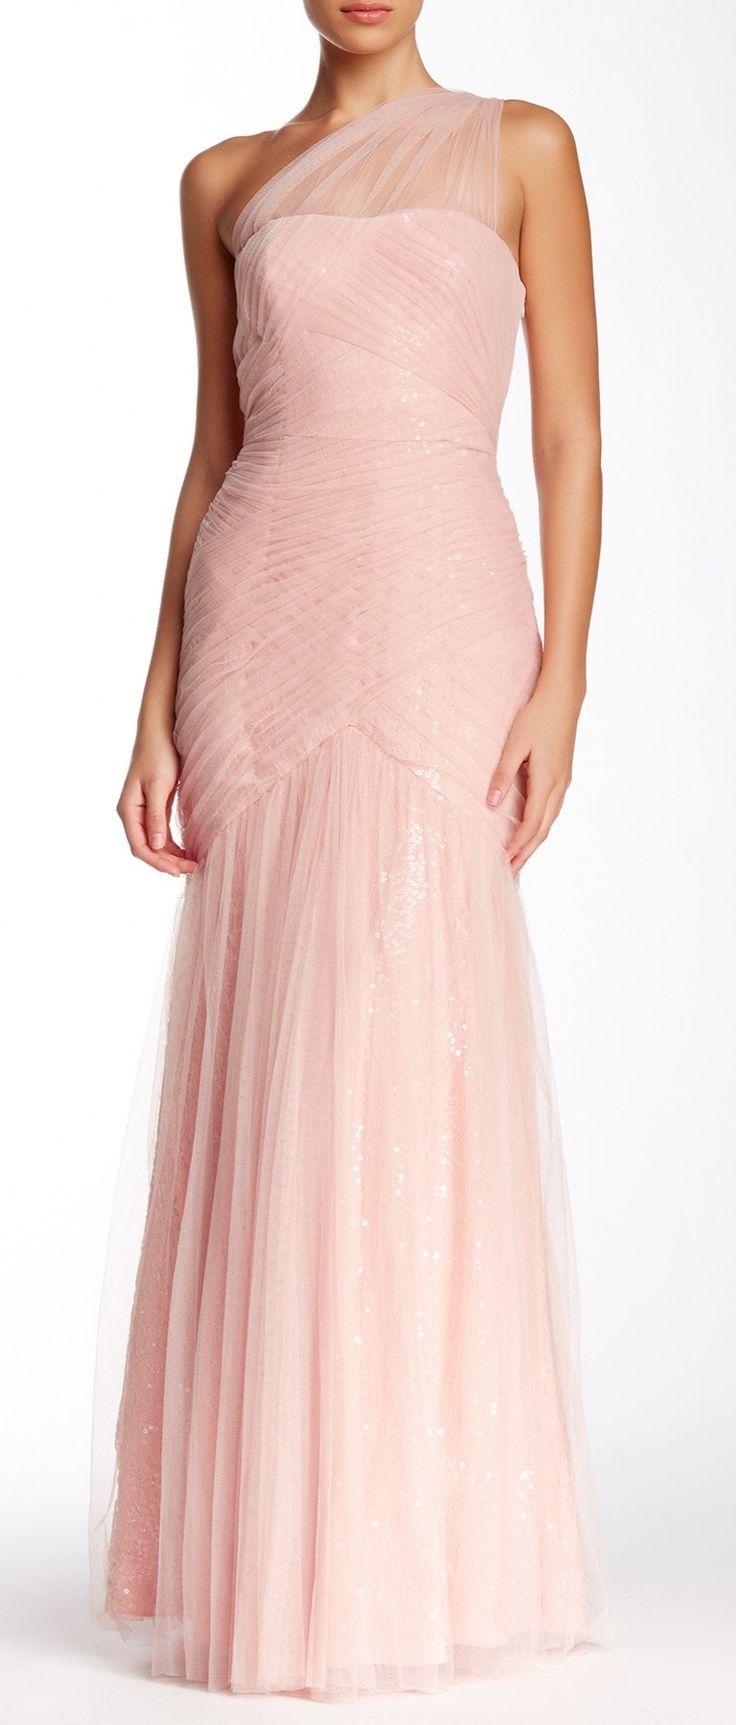 Beautiful monique lhuillier one shoulder ruched gown for Monique lhuillier bridal designers